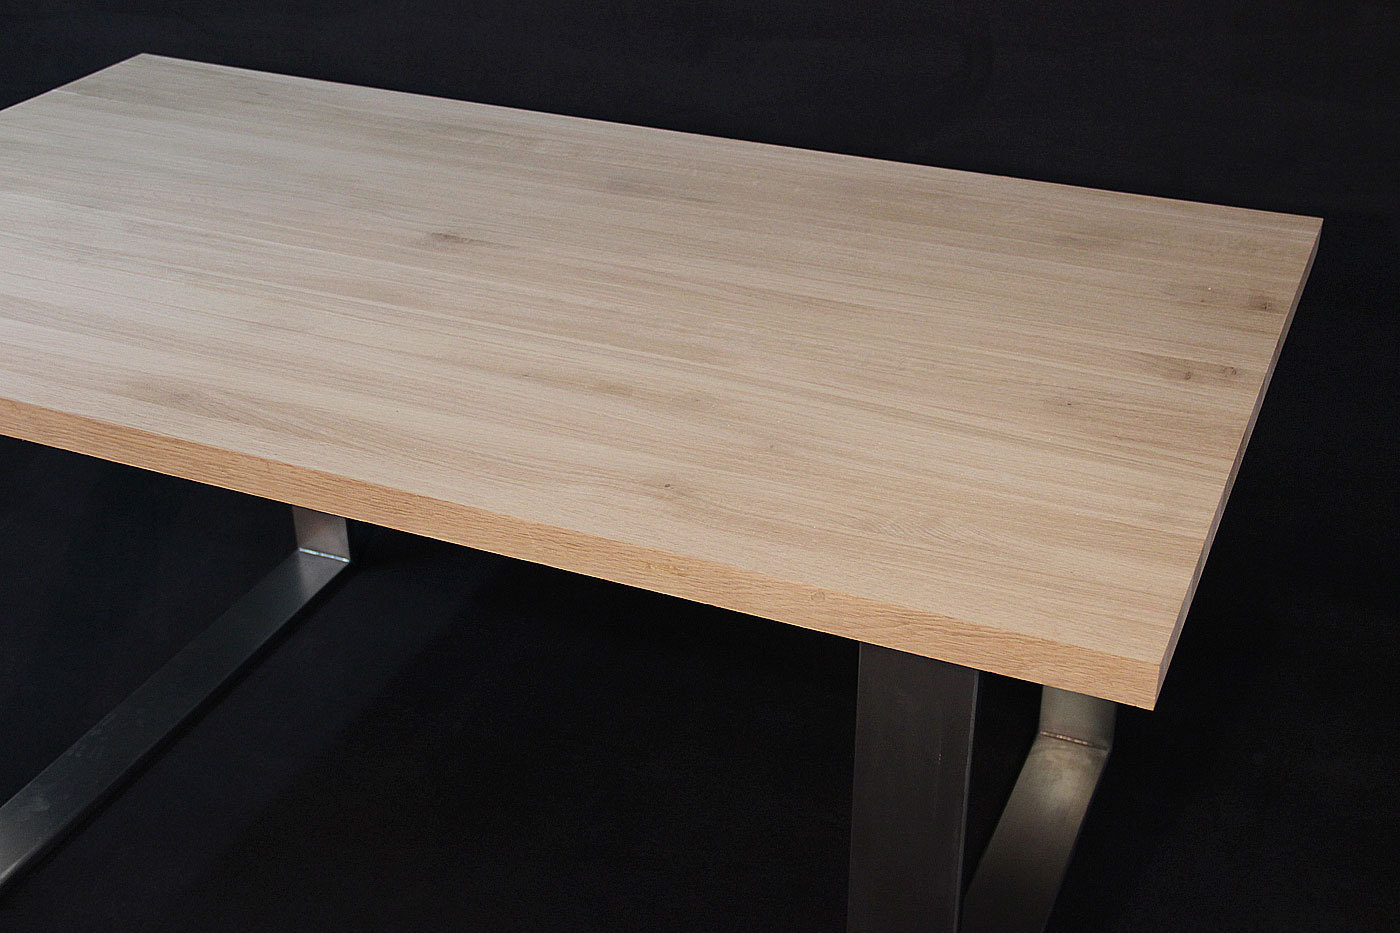 Unterschiedlich Massivholz Eiche DL 40/1600/800 YR67